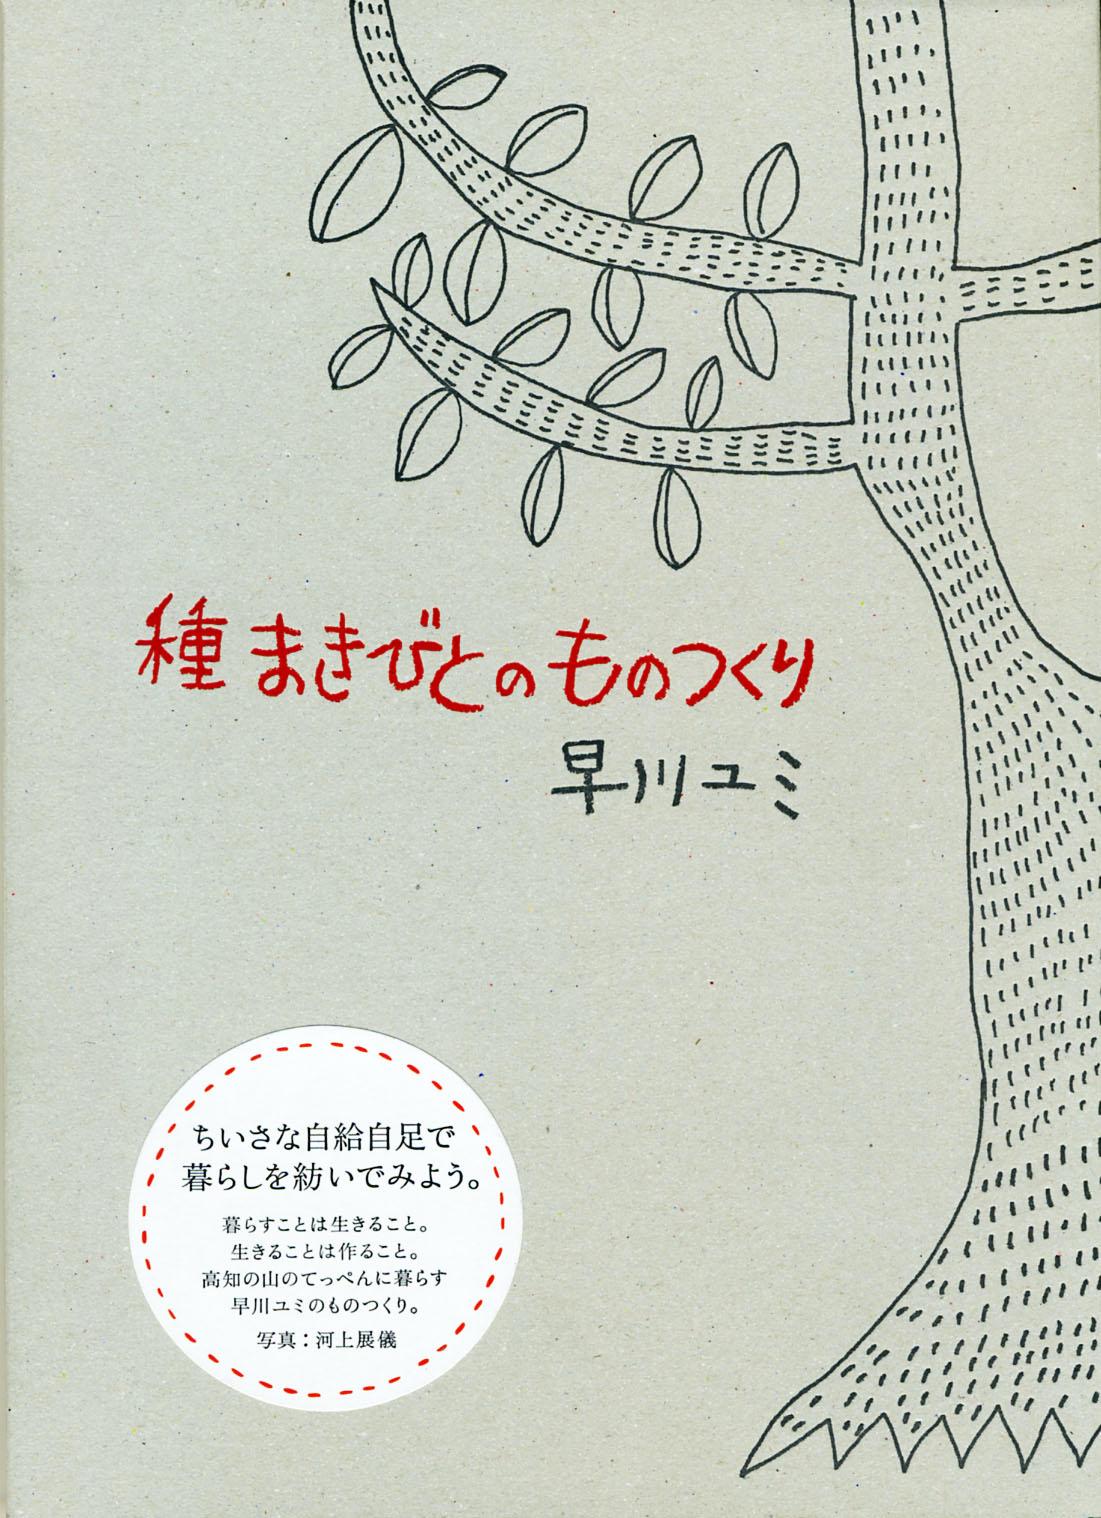 『種まきびとのものつくり』早川ユミ著 - 画像1